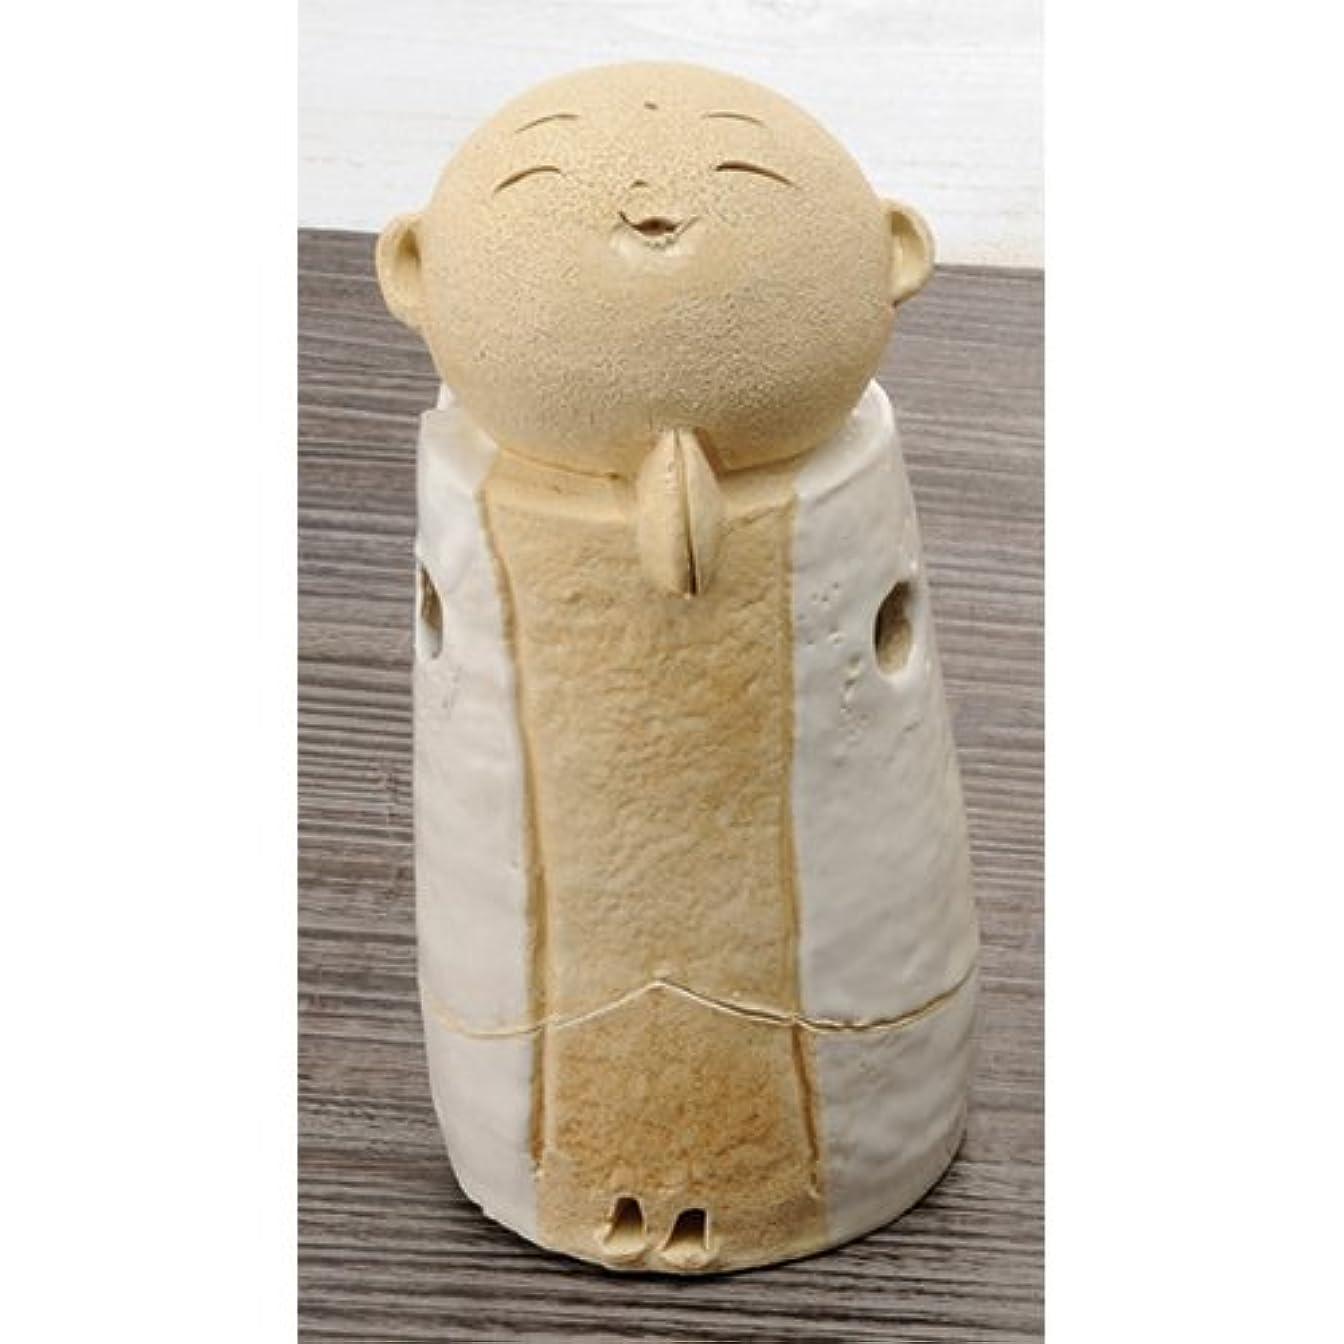 バイソン平和的個人お地蔵様 香炉シリーズ 白 お地蔵様 香炉 5.3寸(大) [H15.5cm] HANDMADE プレゼント ギフト 和食器 かわいい インテリア